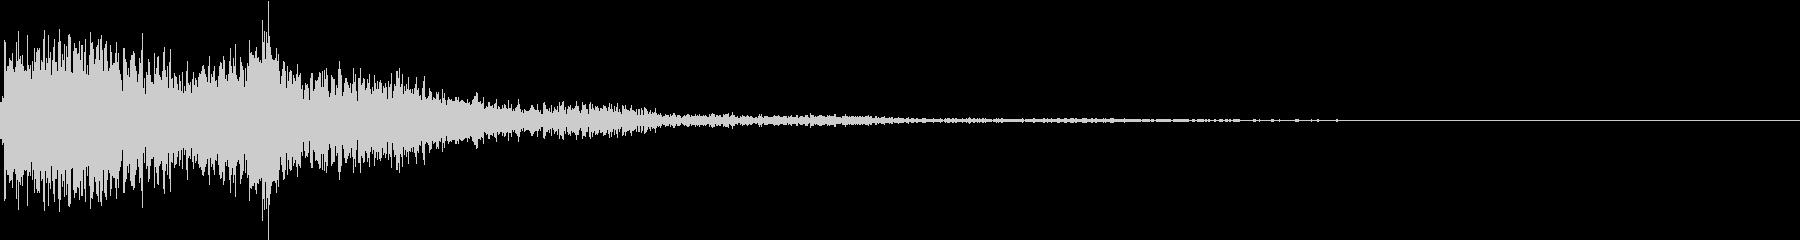 琴と太鼓の和風インパクトジングル! 01の未再生の波形